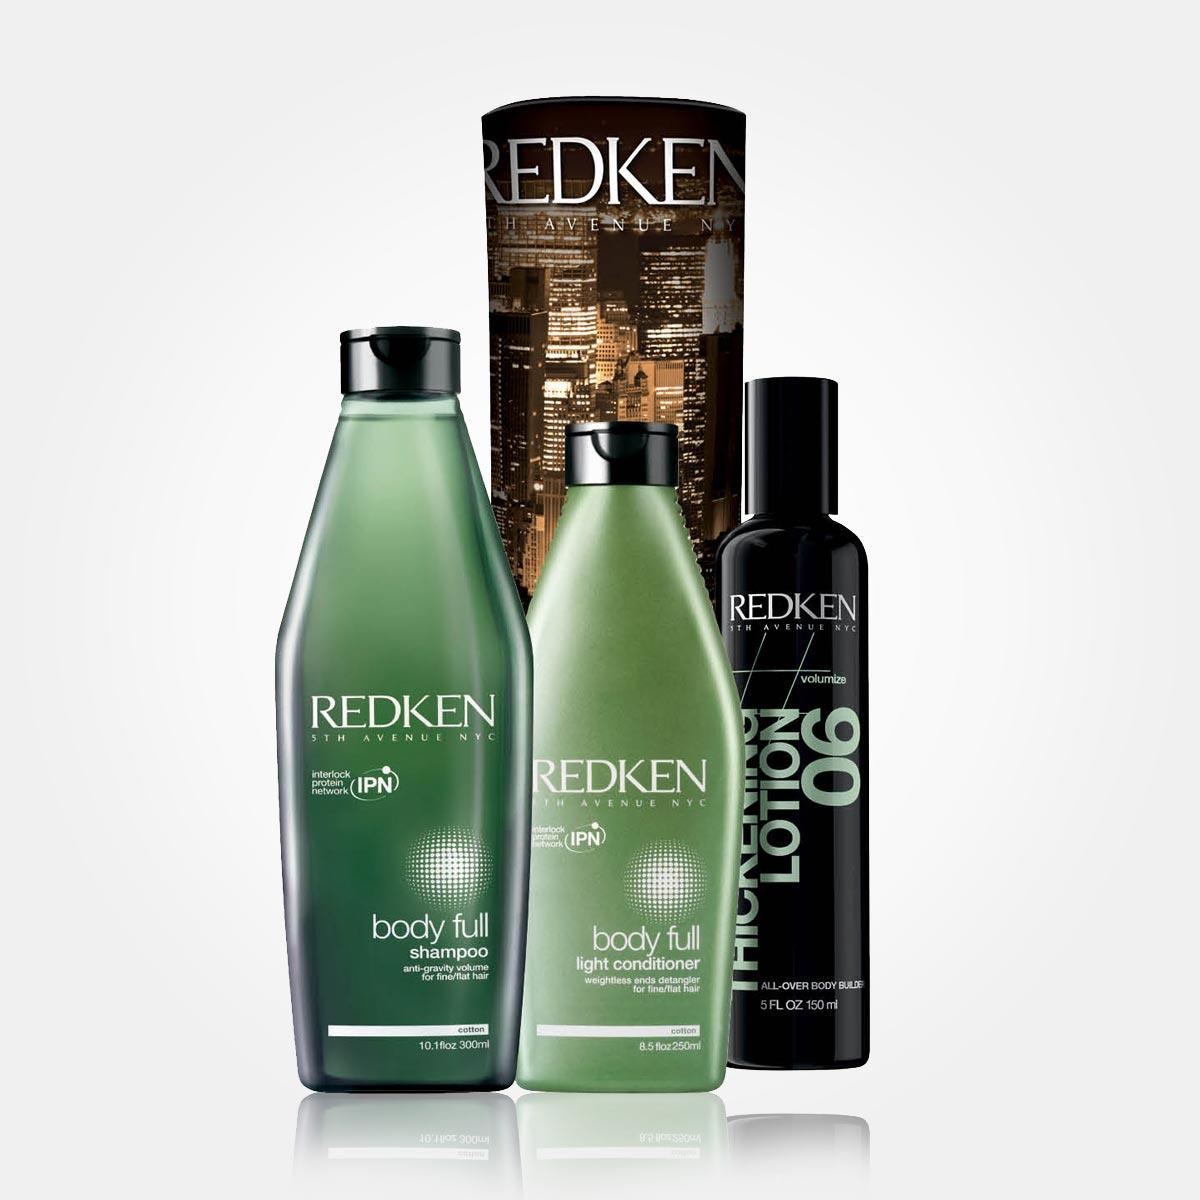 Vánoční dárky Redken: BODY FULL – BOOST THE VOLUME